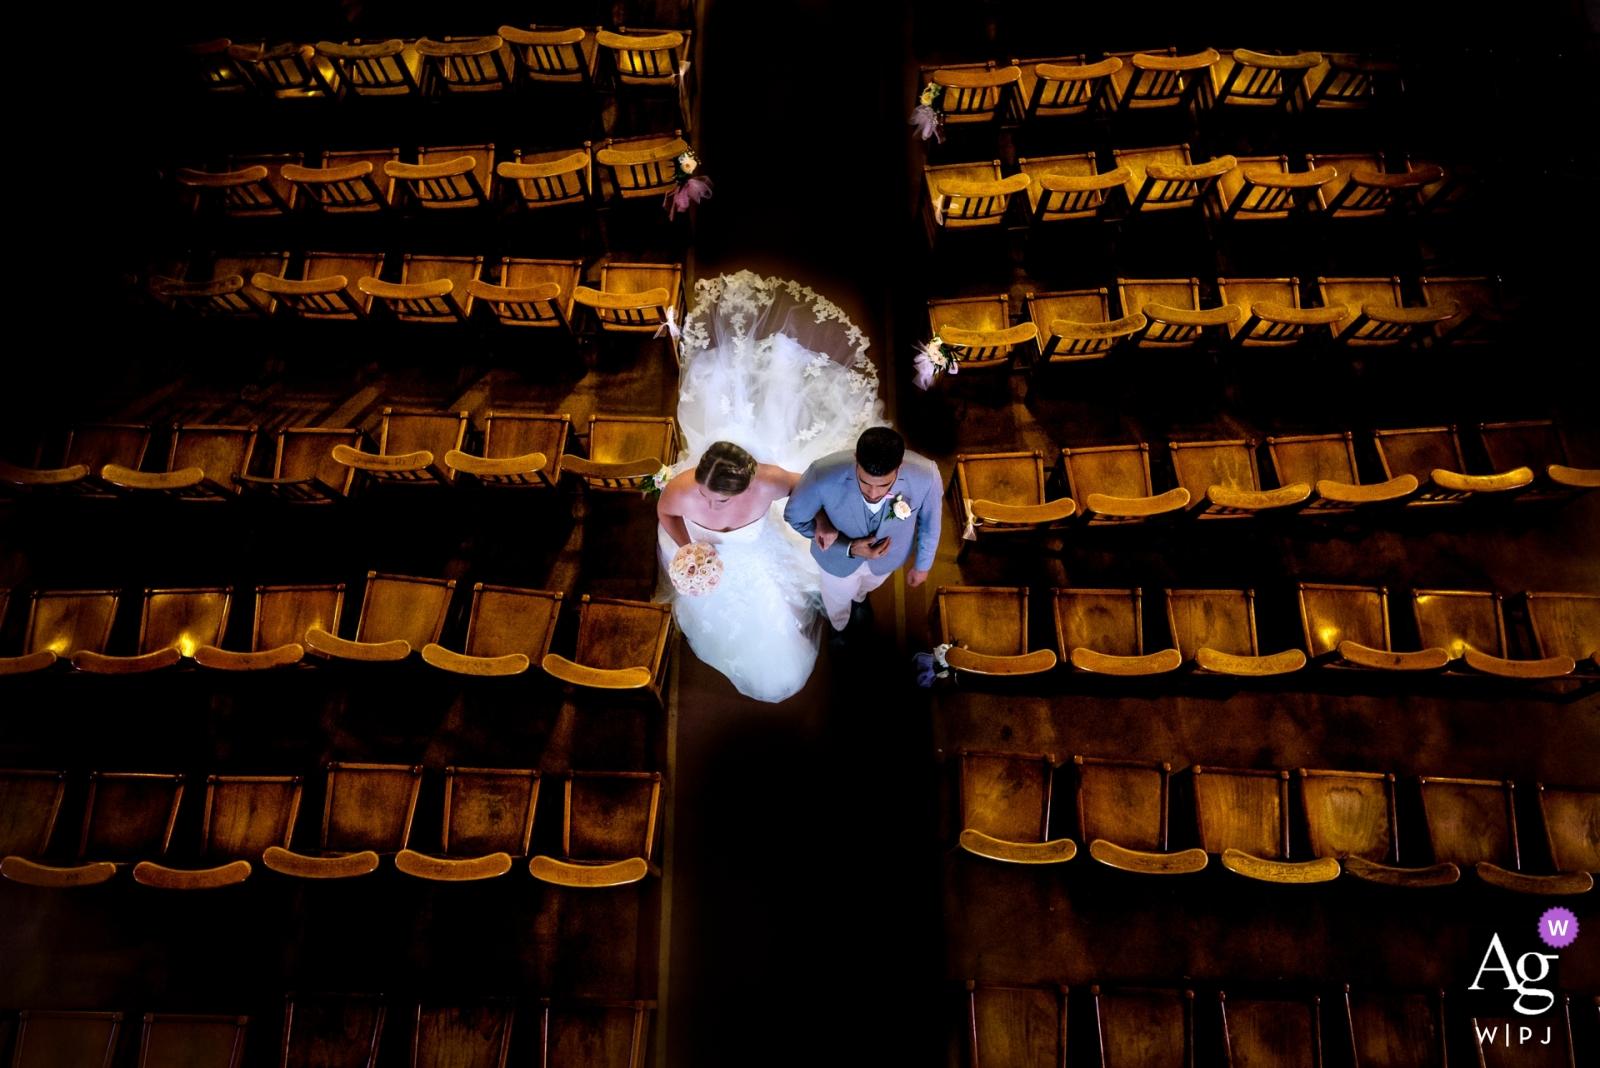 Hochzeitsporträtfotografie Pariss kreative der Braut und des Bräutigams vom obenliegenden Winkel